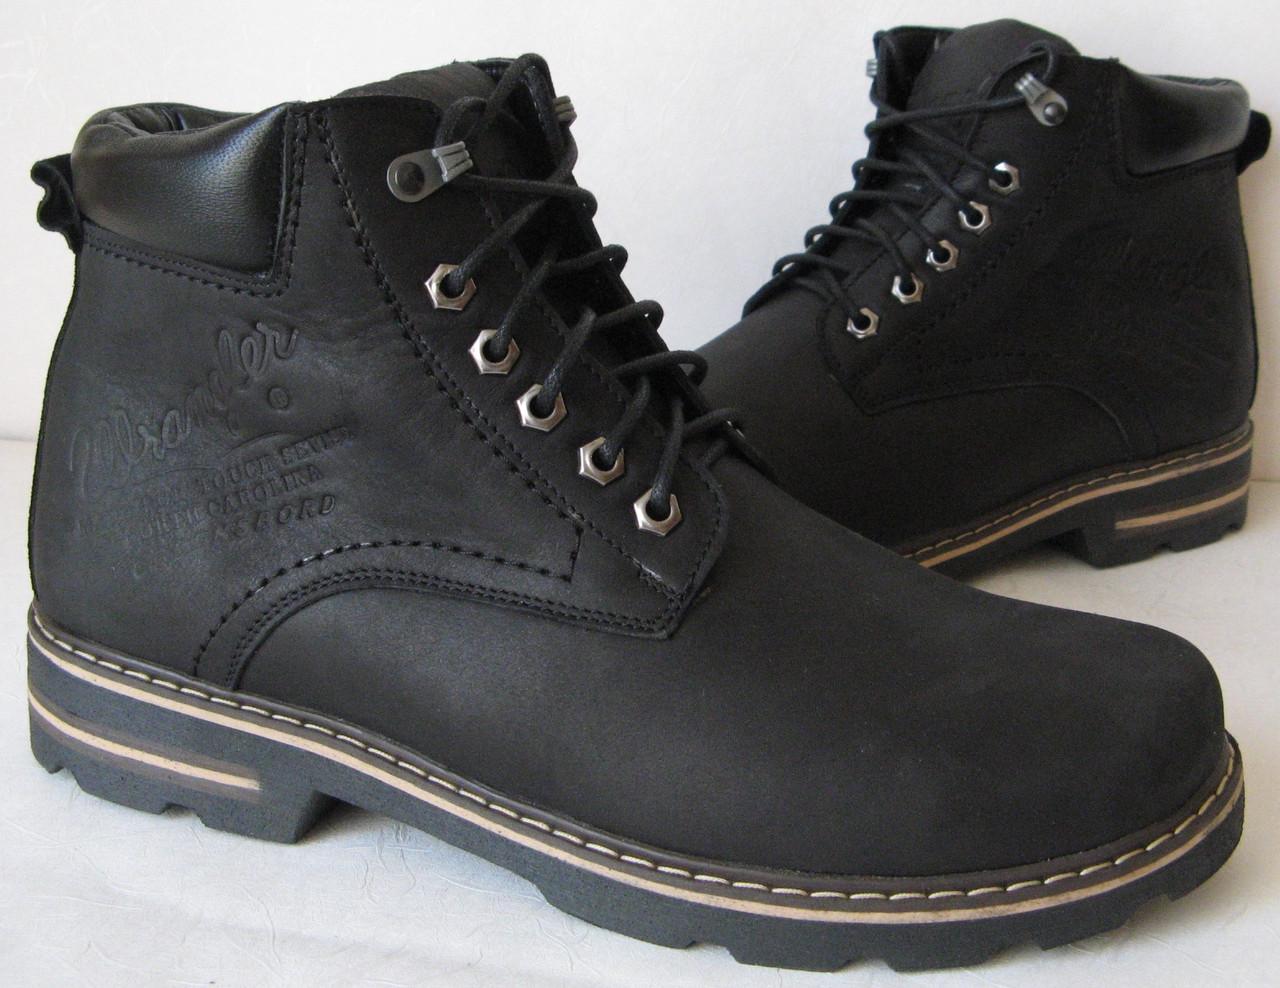 7dabd0c61 Мужские зимние ботинки черные натуральная кожа обувь в стиле Вранглер  сапоги - Trendy